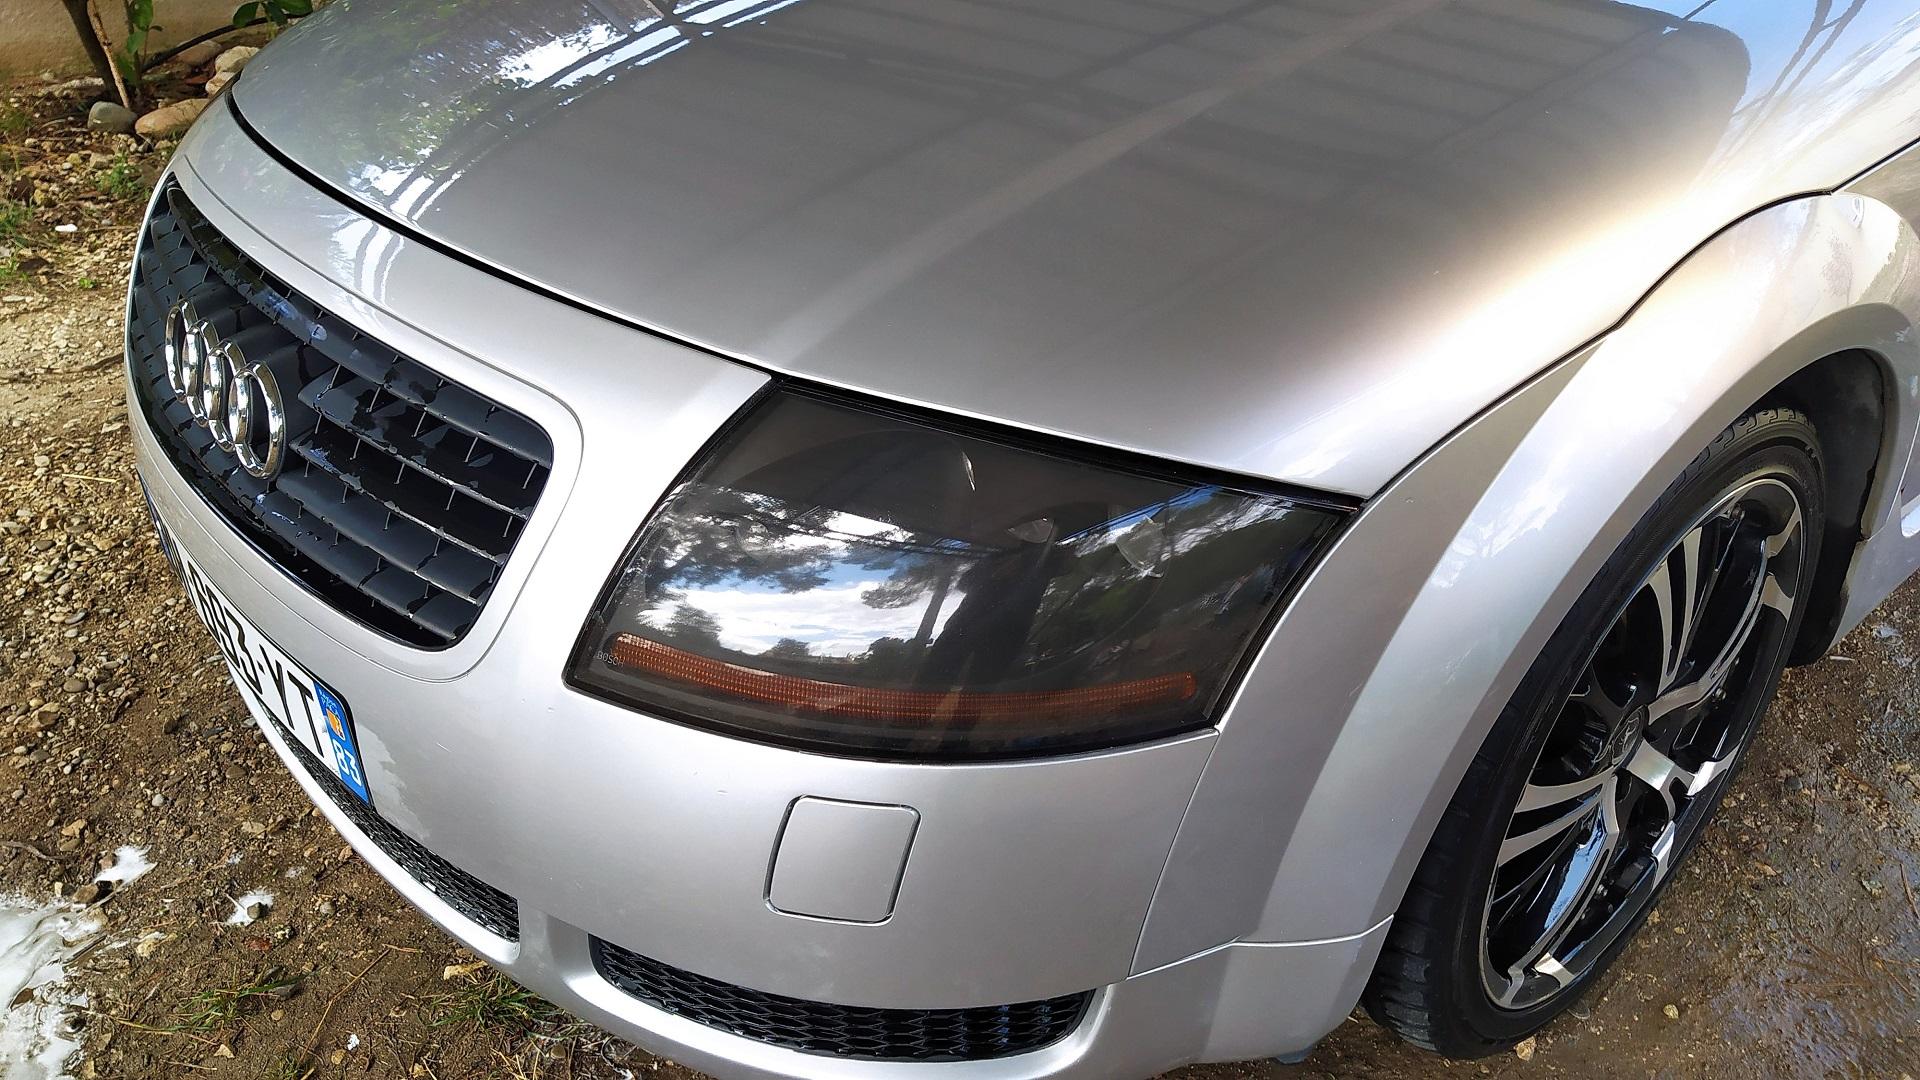 Présentation et premier vrai nettoyage du Roadster de Madame Img_20201004_131914-57c25c7